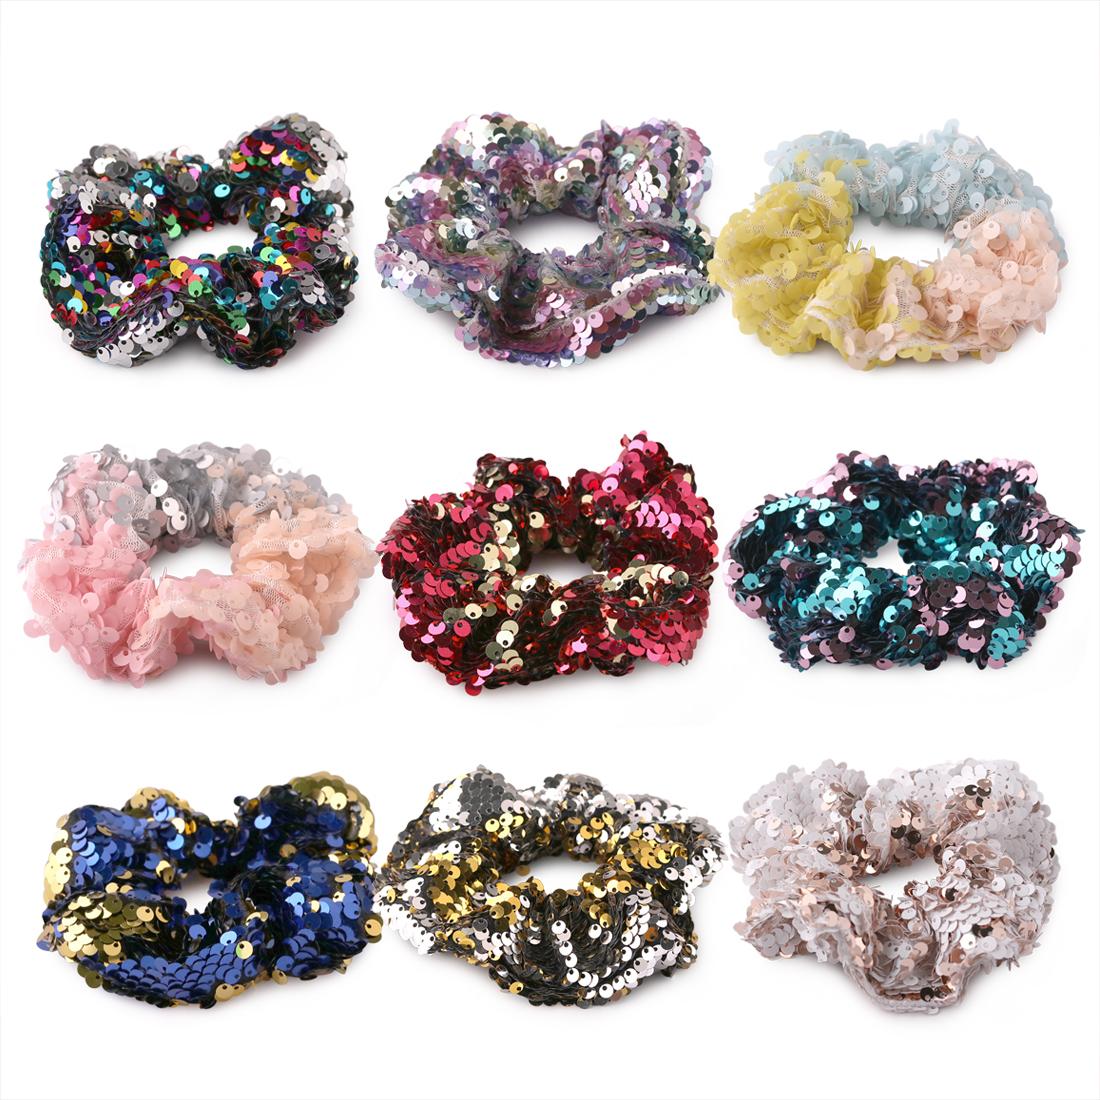 [해외]XIMA 9pcs / lot 가역 변경 색 스팽글 패브릭 헤어 넥타이 여성을양면 머리 스타일 밴드/XIMA 9pcs/lot  Reversible Change Color Sequins Fabric Hair Ties Reversible Bow Hair Band fo